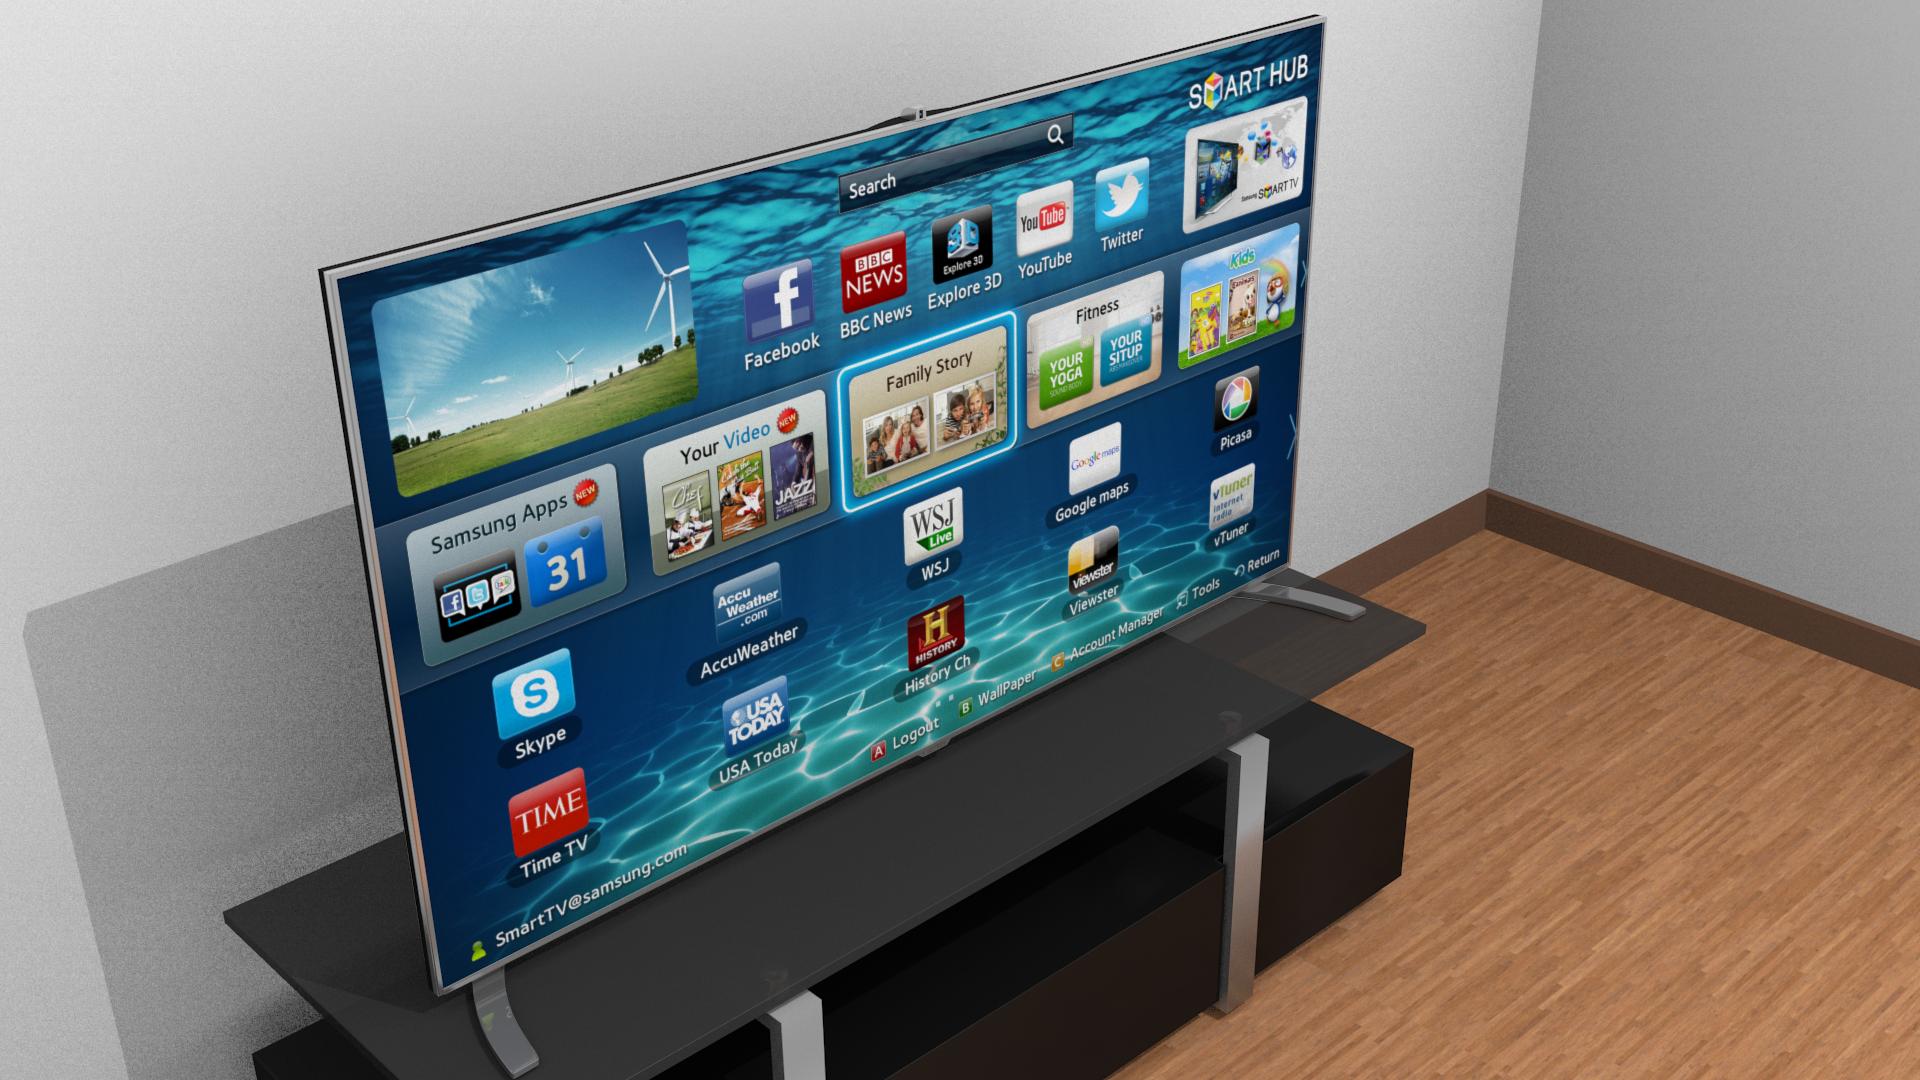 Samsung Smart TV 3D Model obj fbx blend dae CGTrader